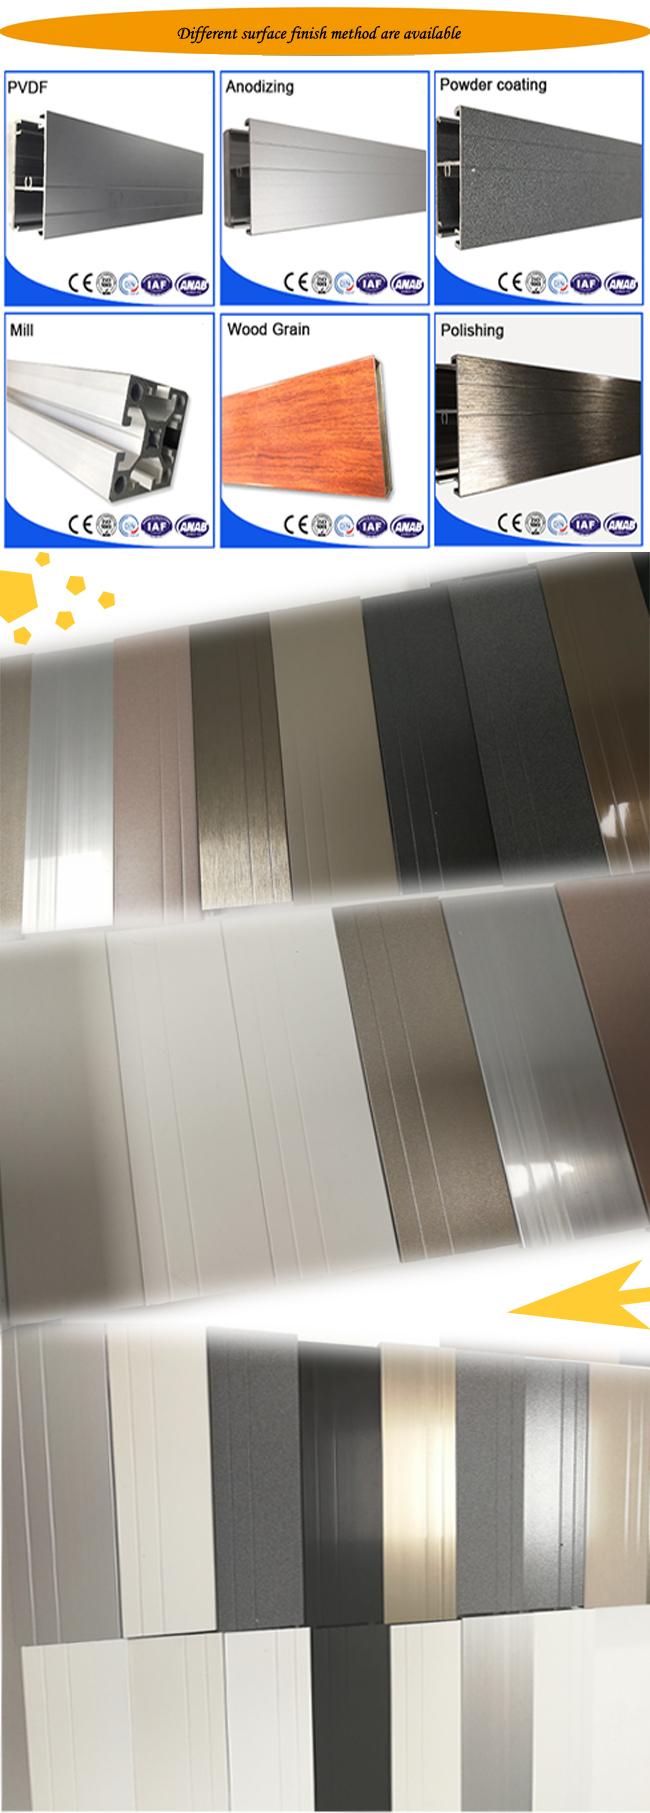 Aluminum Extrusion Divider Bar Profile